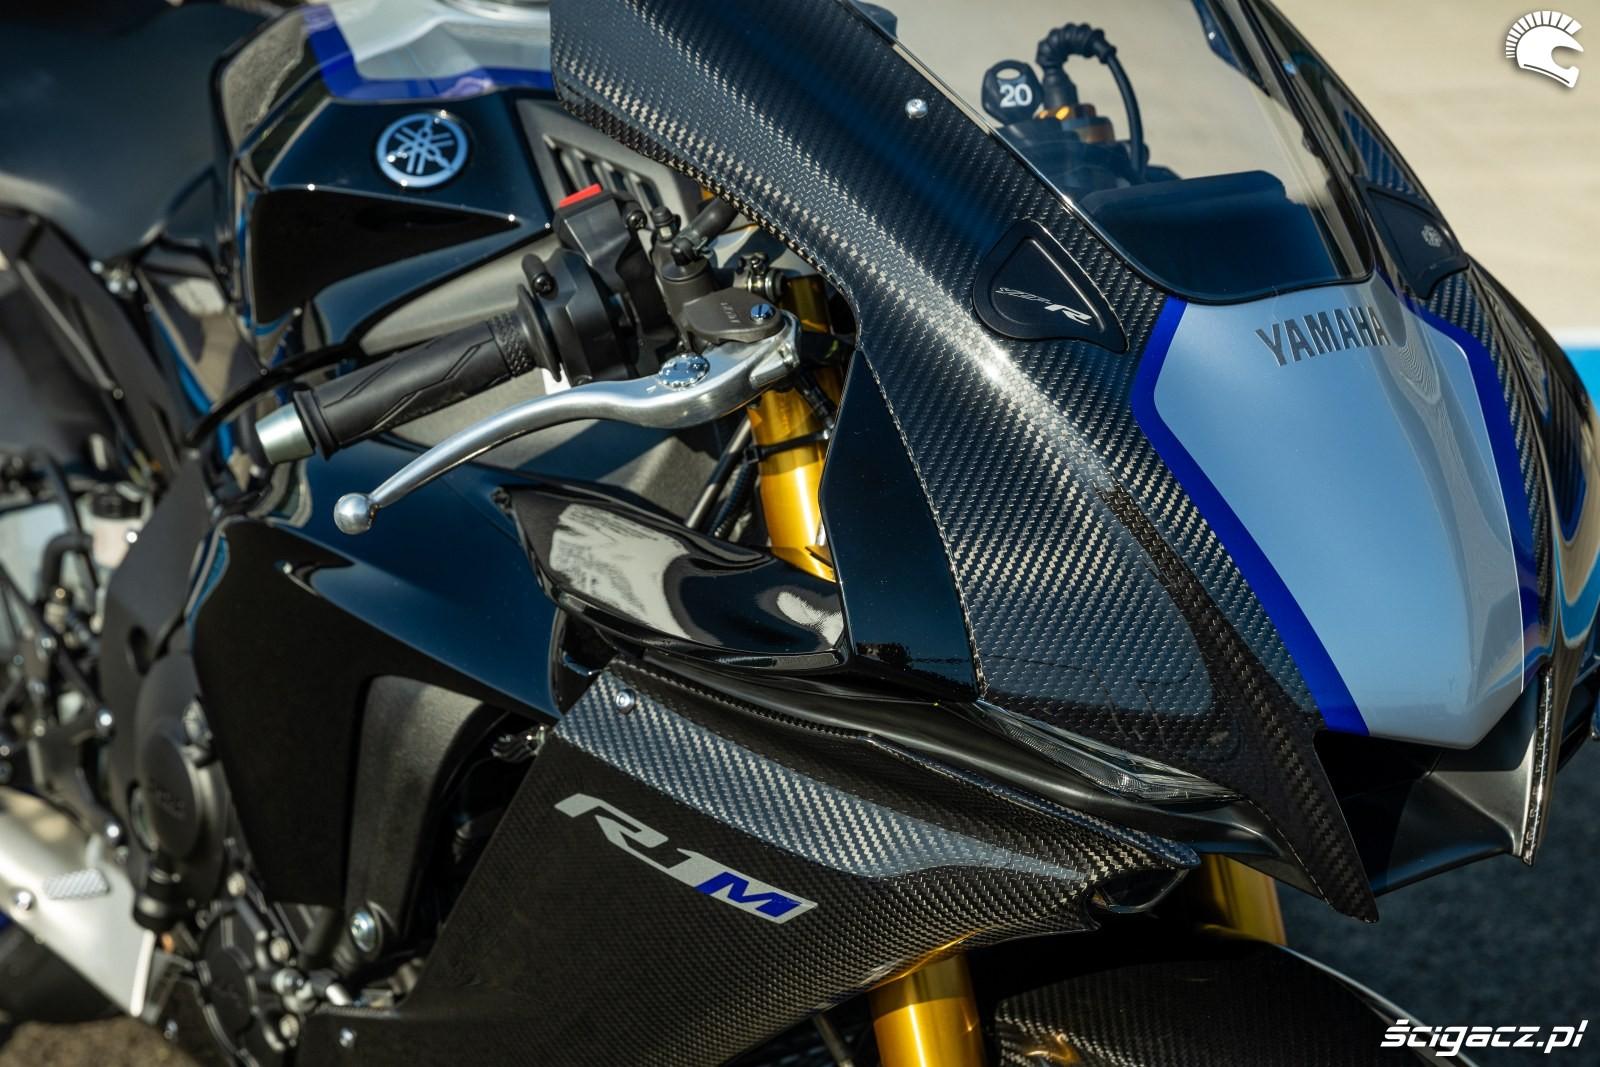 Yamaha R1 M 2020 detale 10